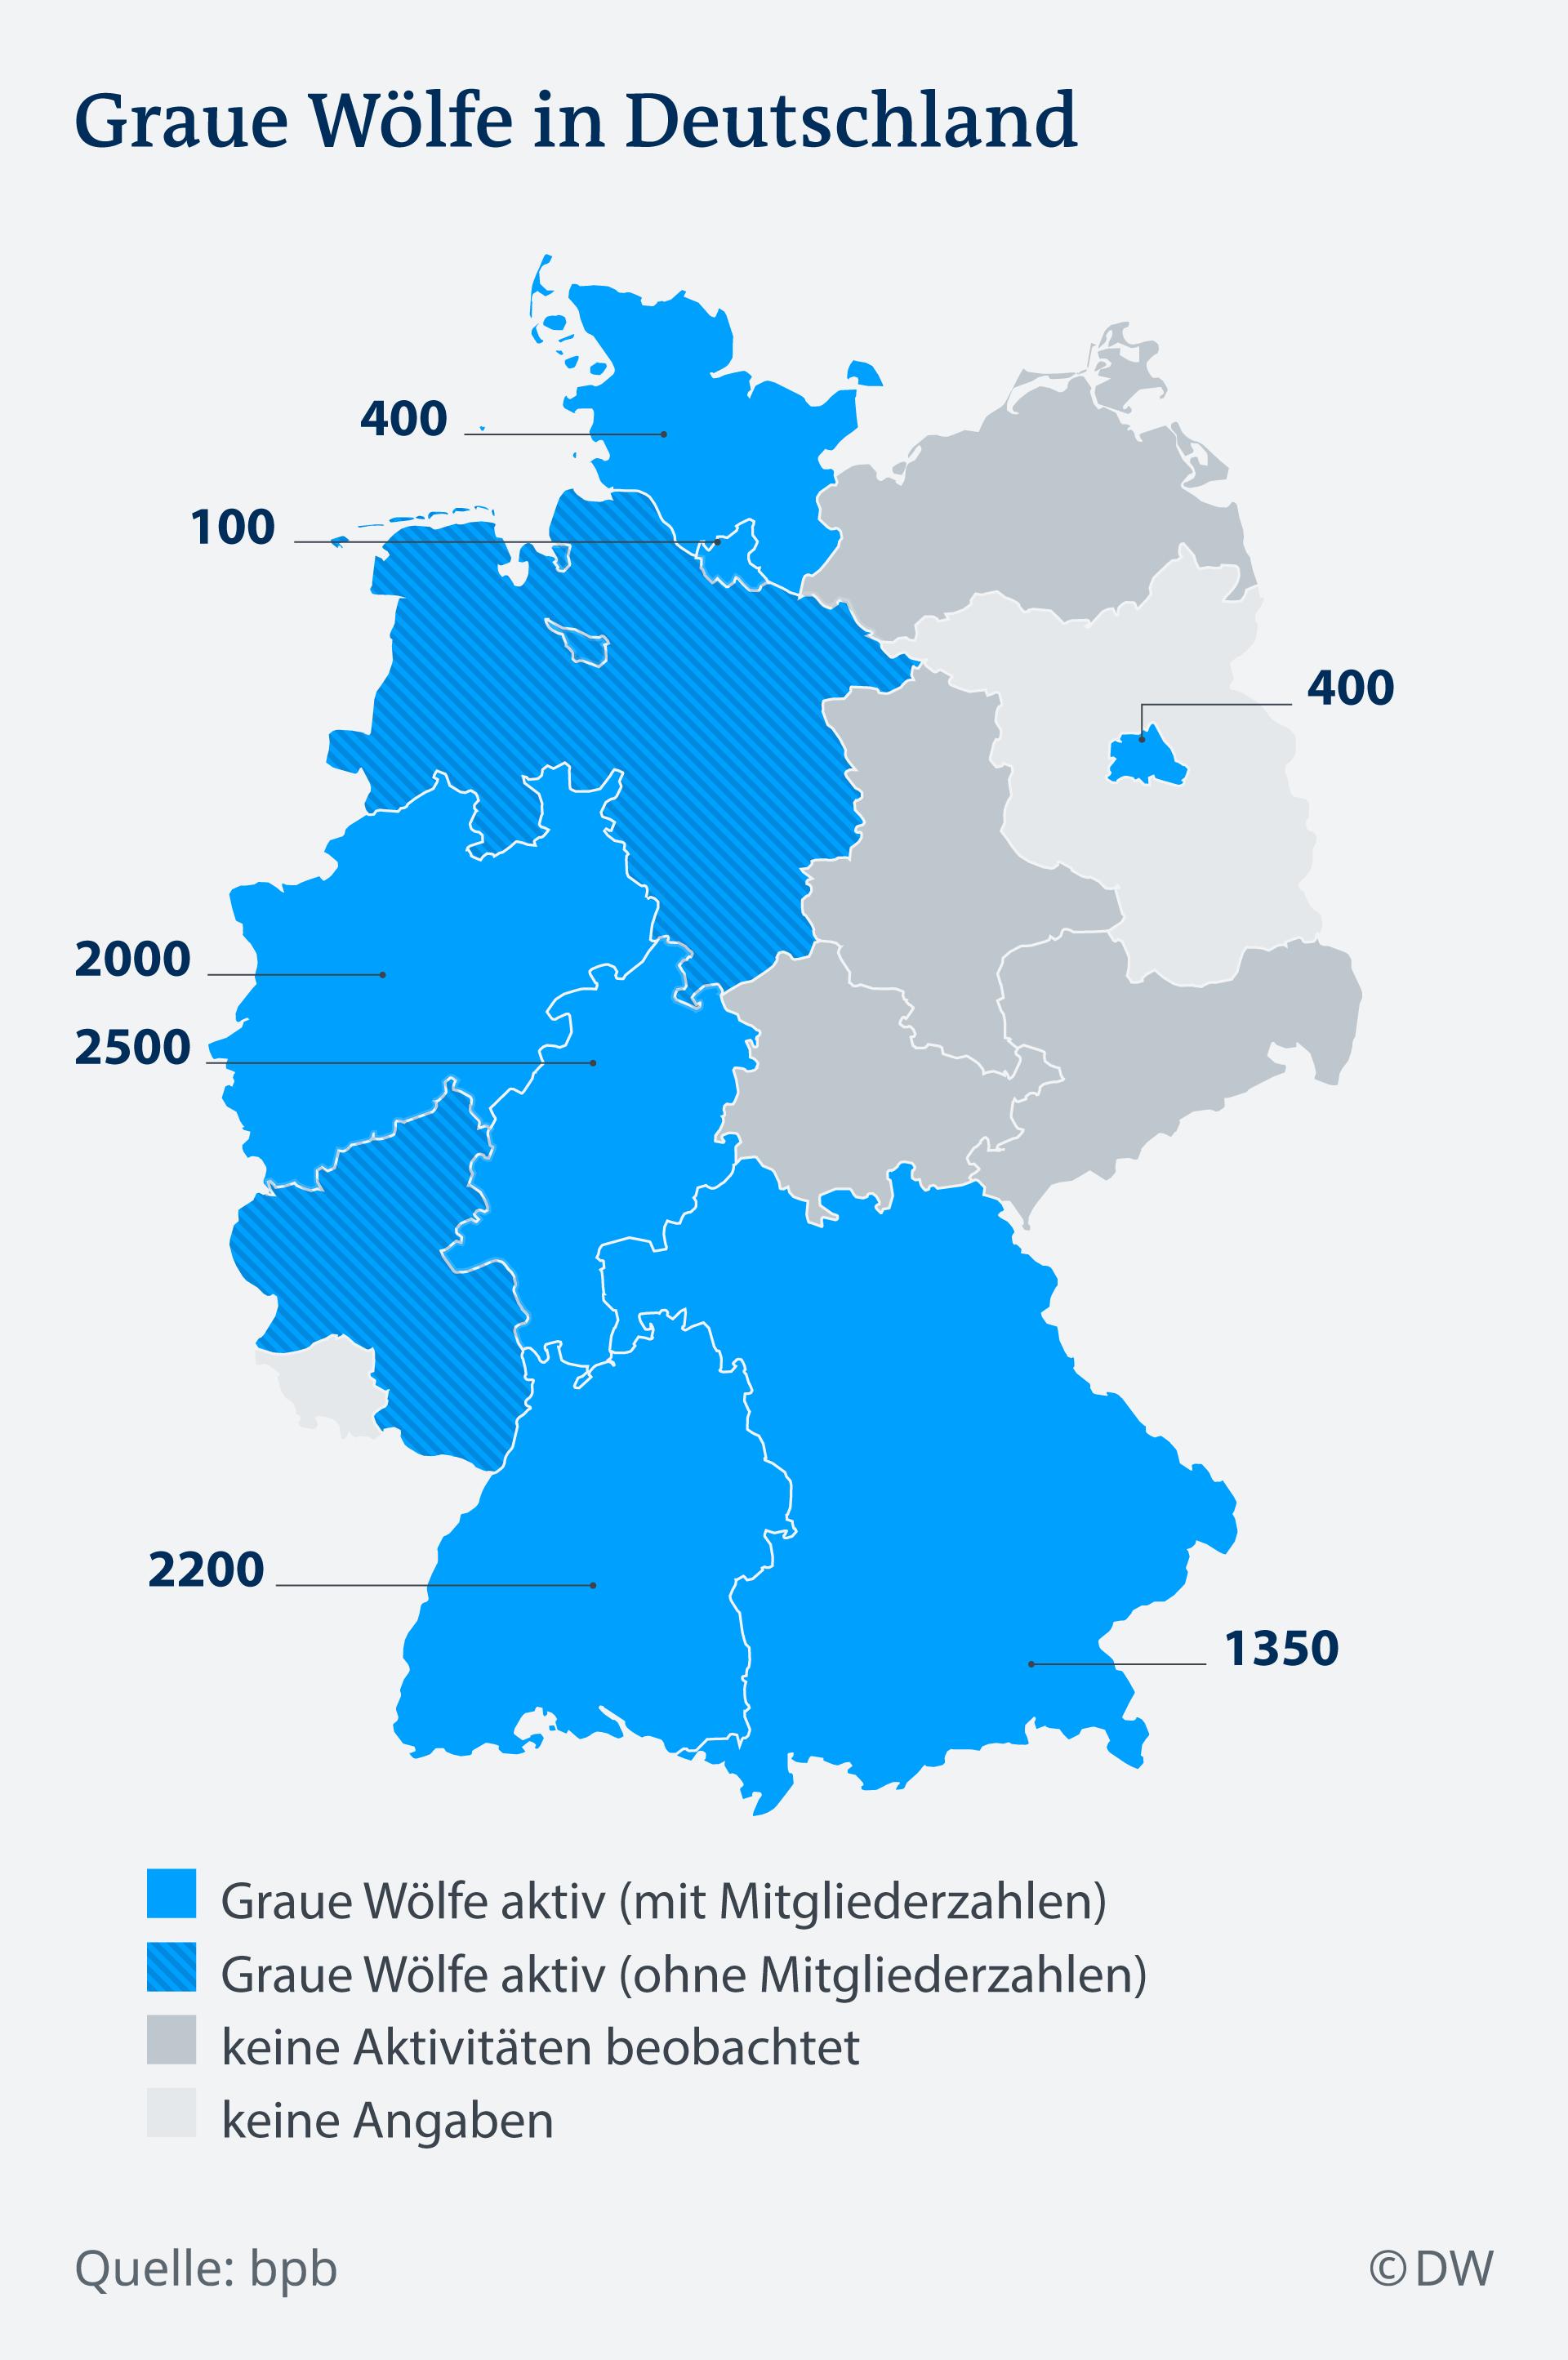 Численность сторонников Серых волков в федеральных землях Германии